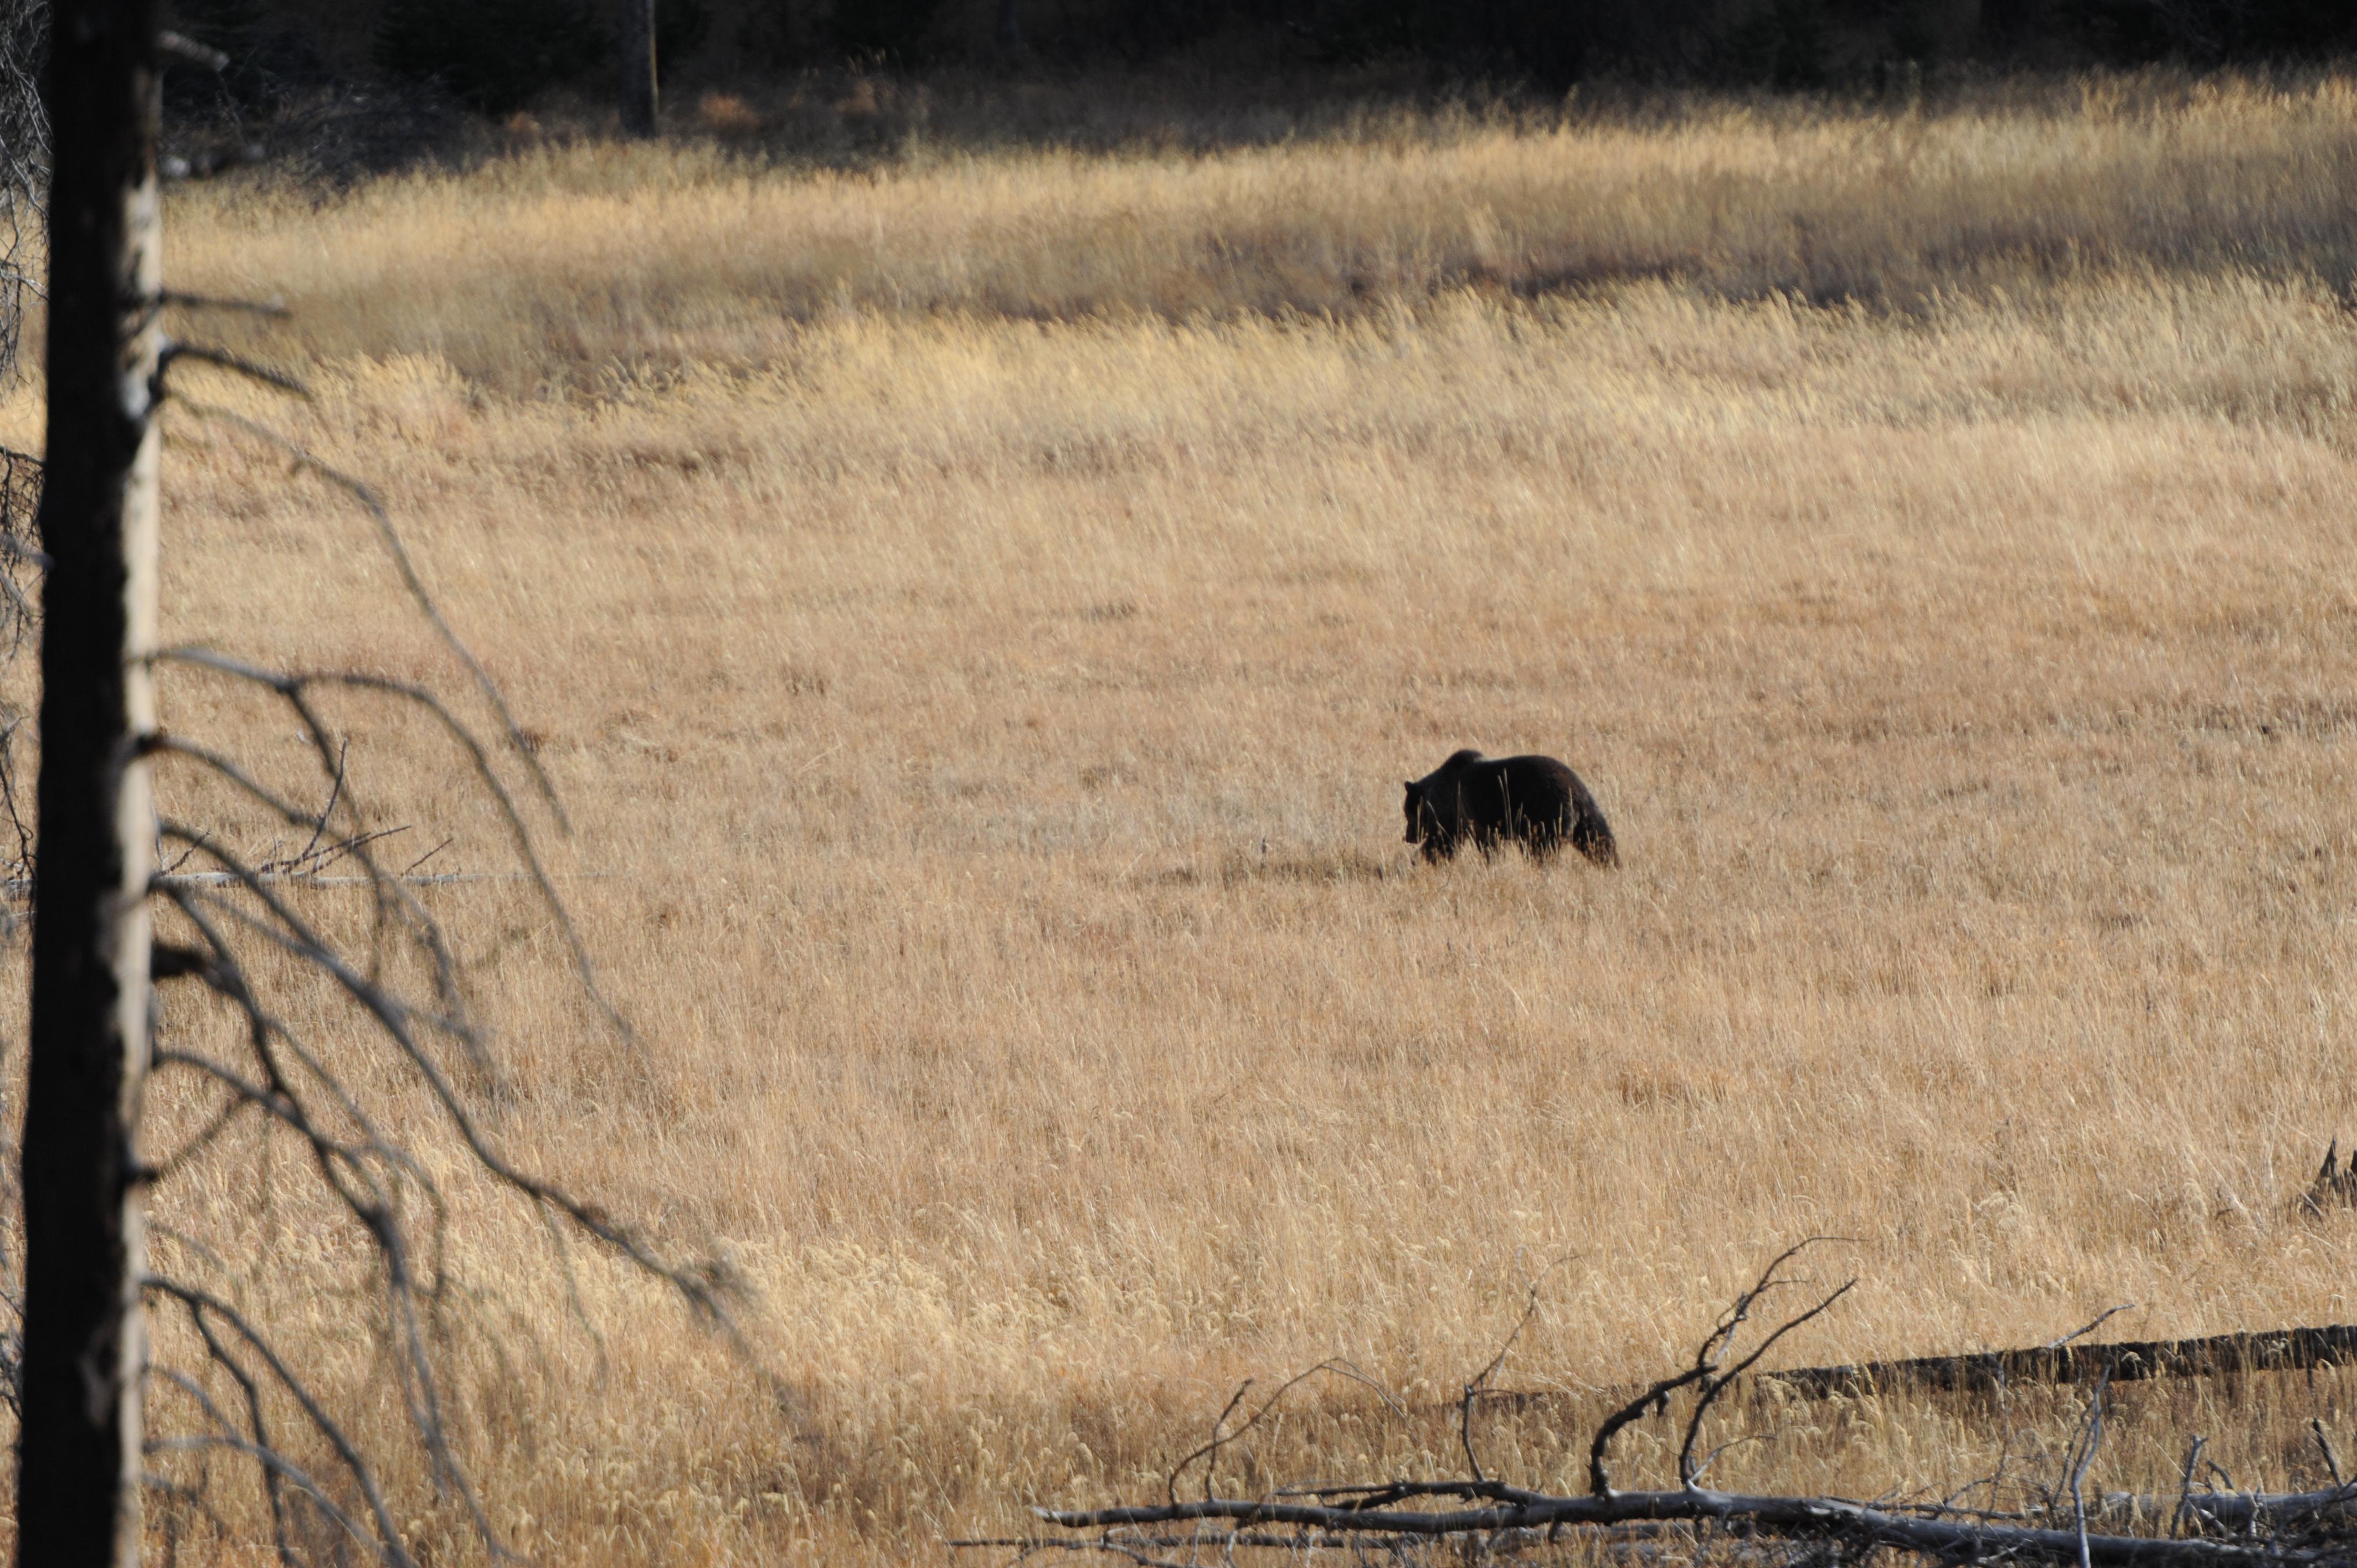 Grizzly+bear+in+field.JPG